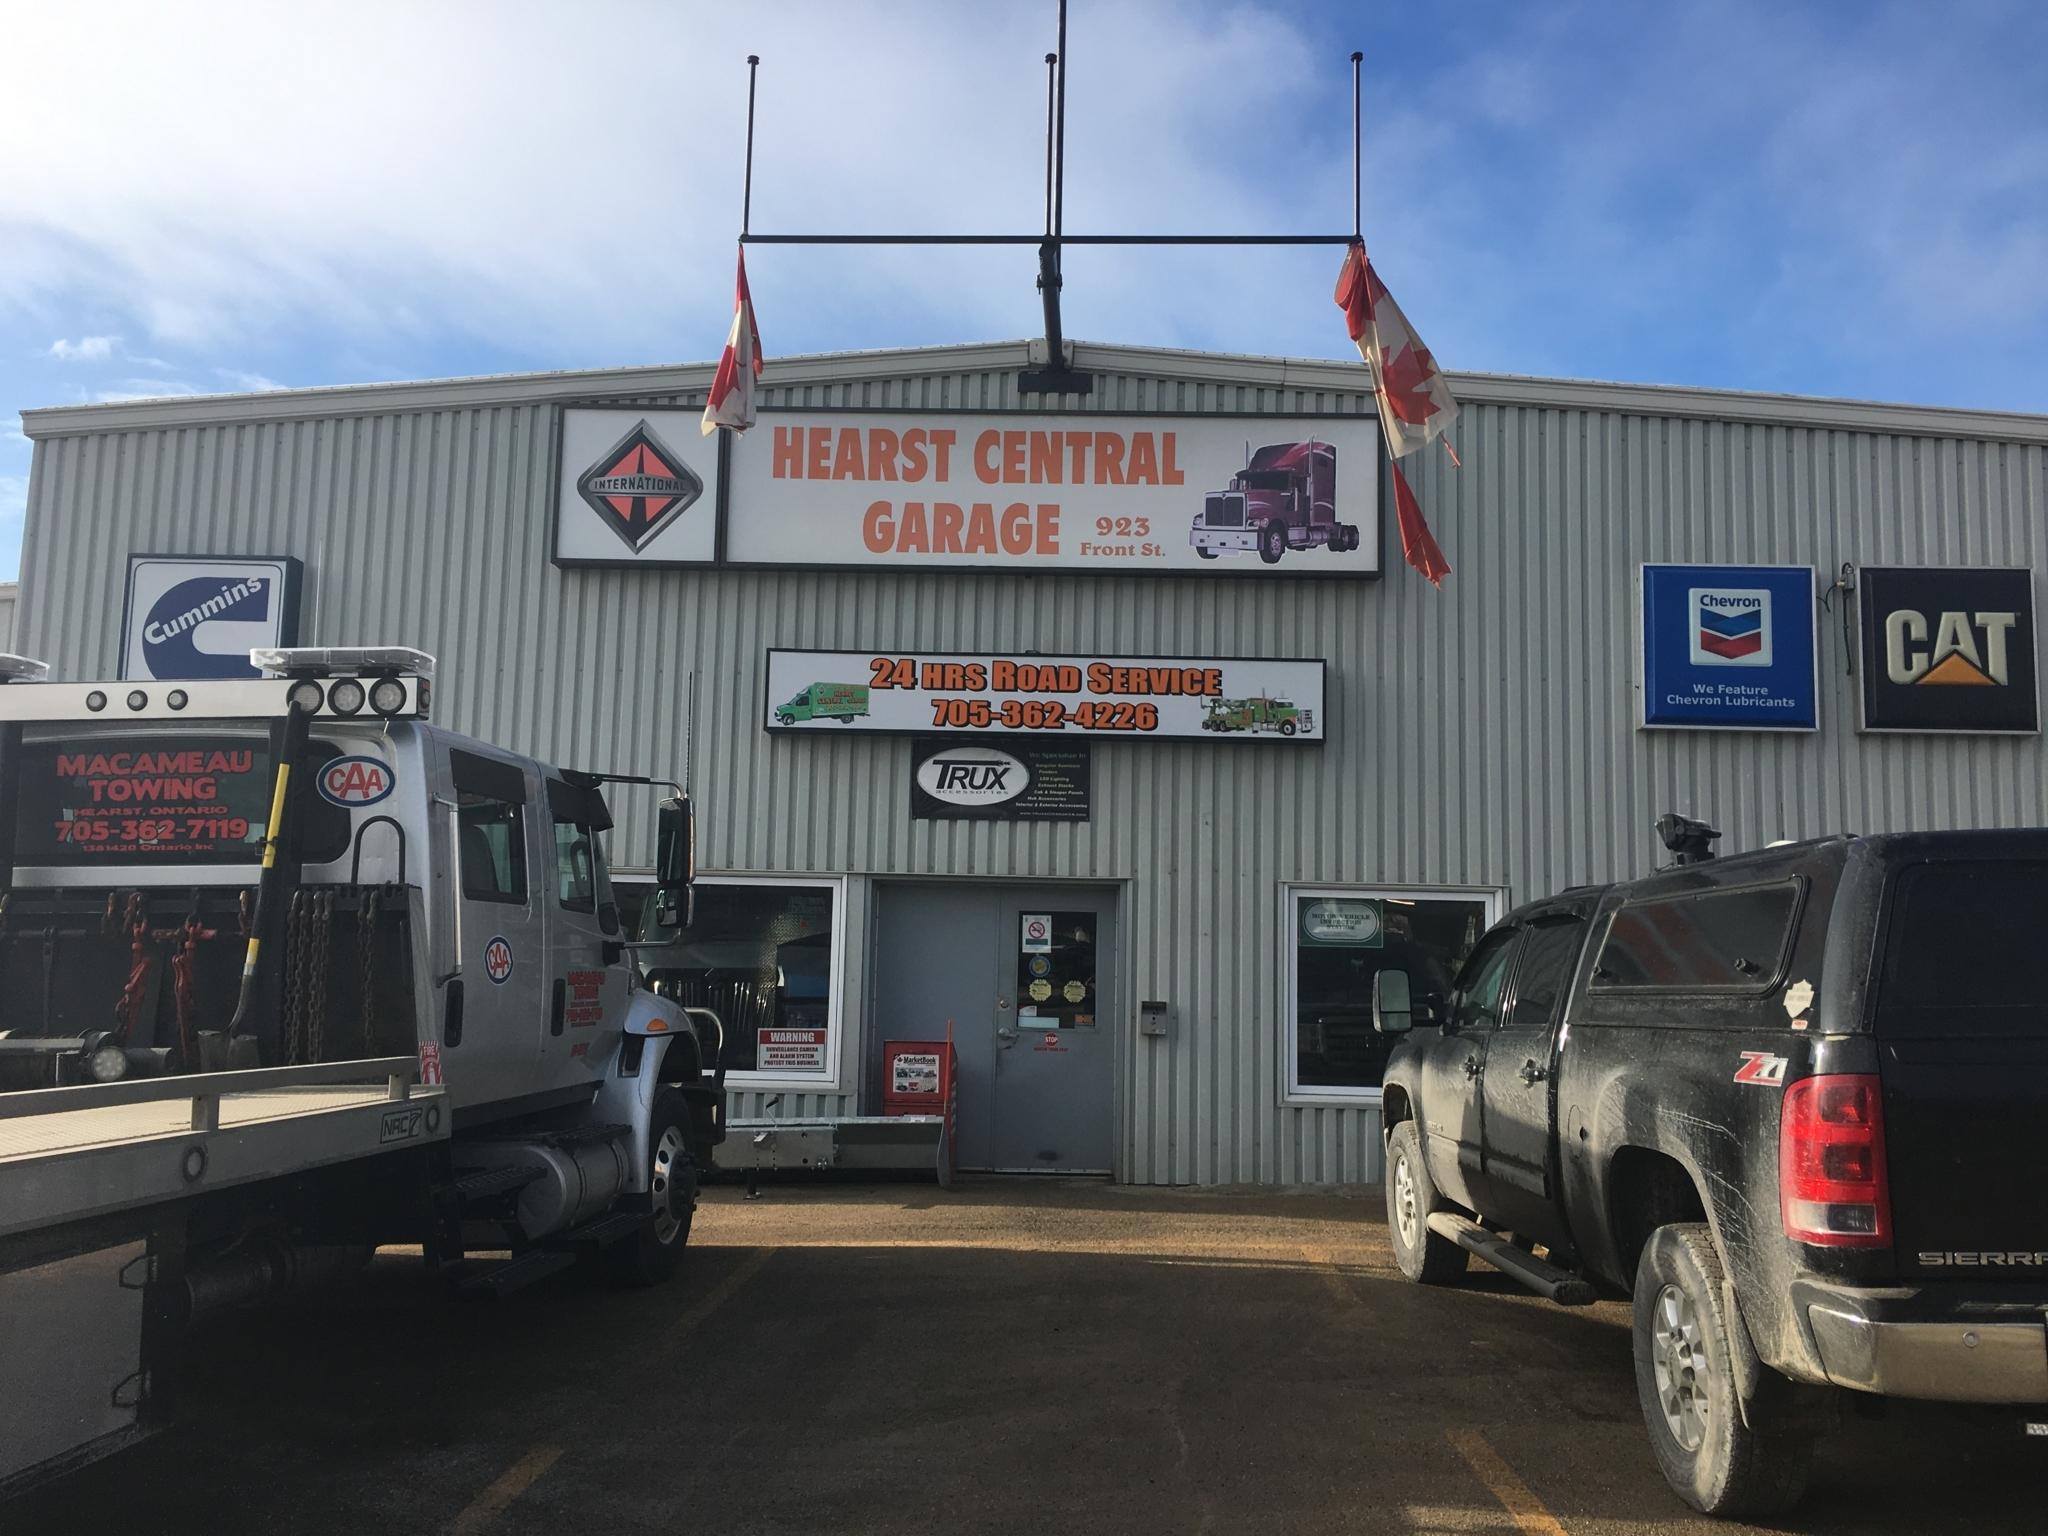 Hearst Central Garage Co Ltd in Hearst